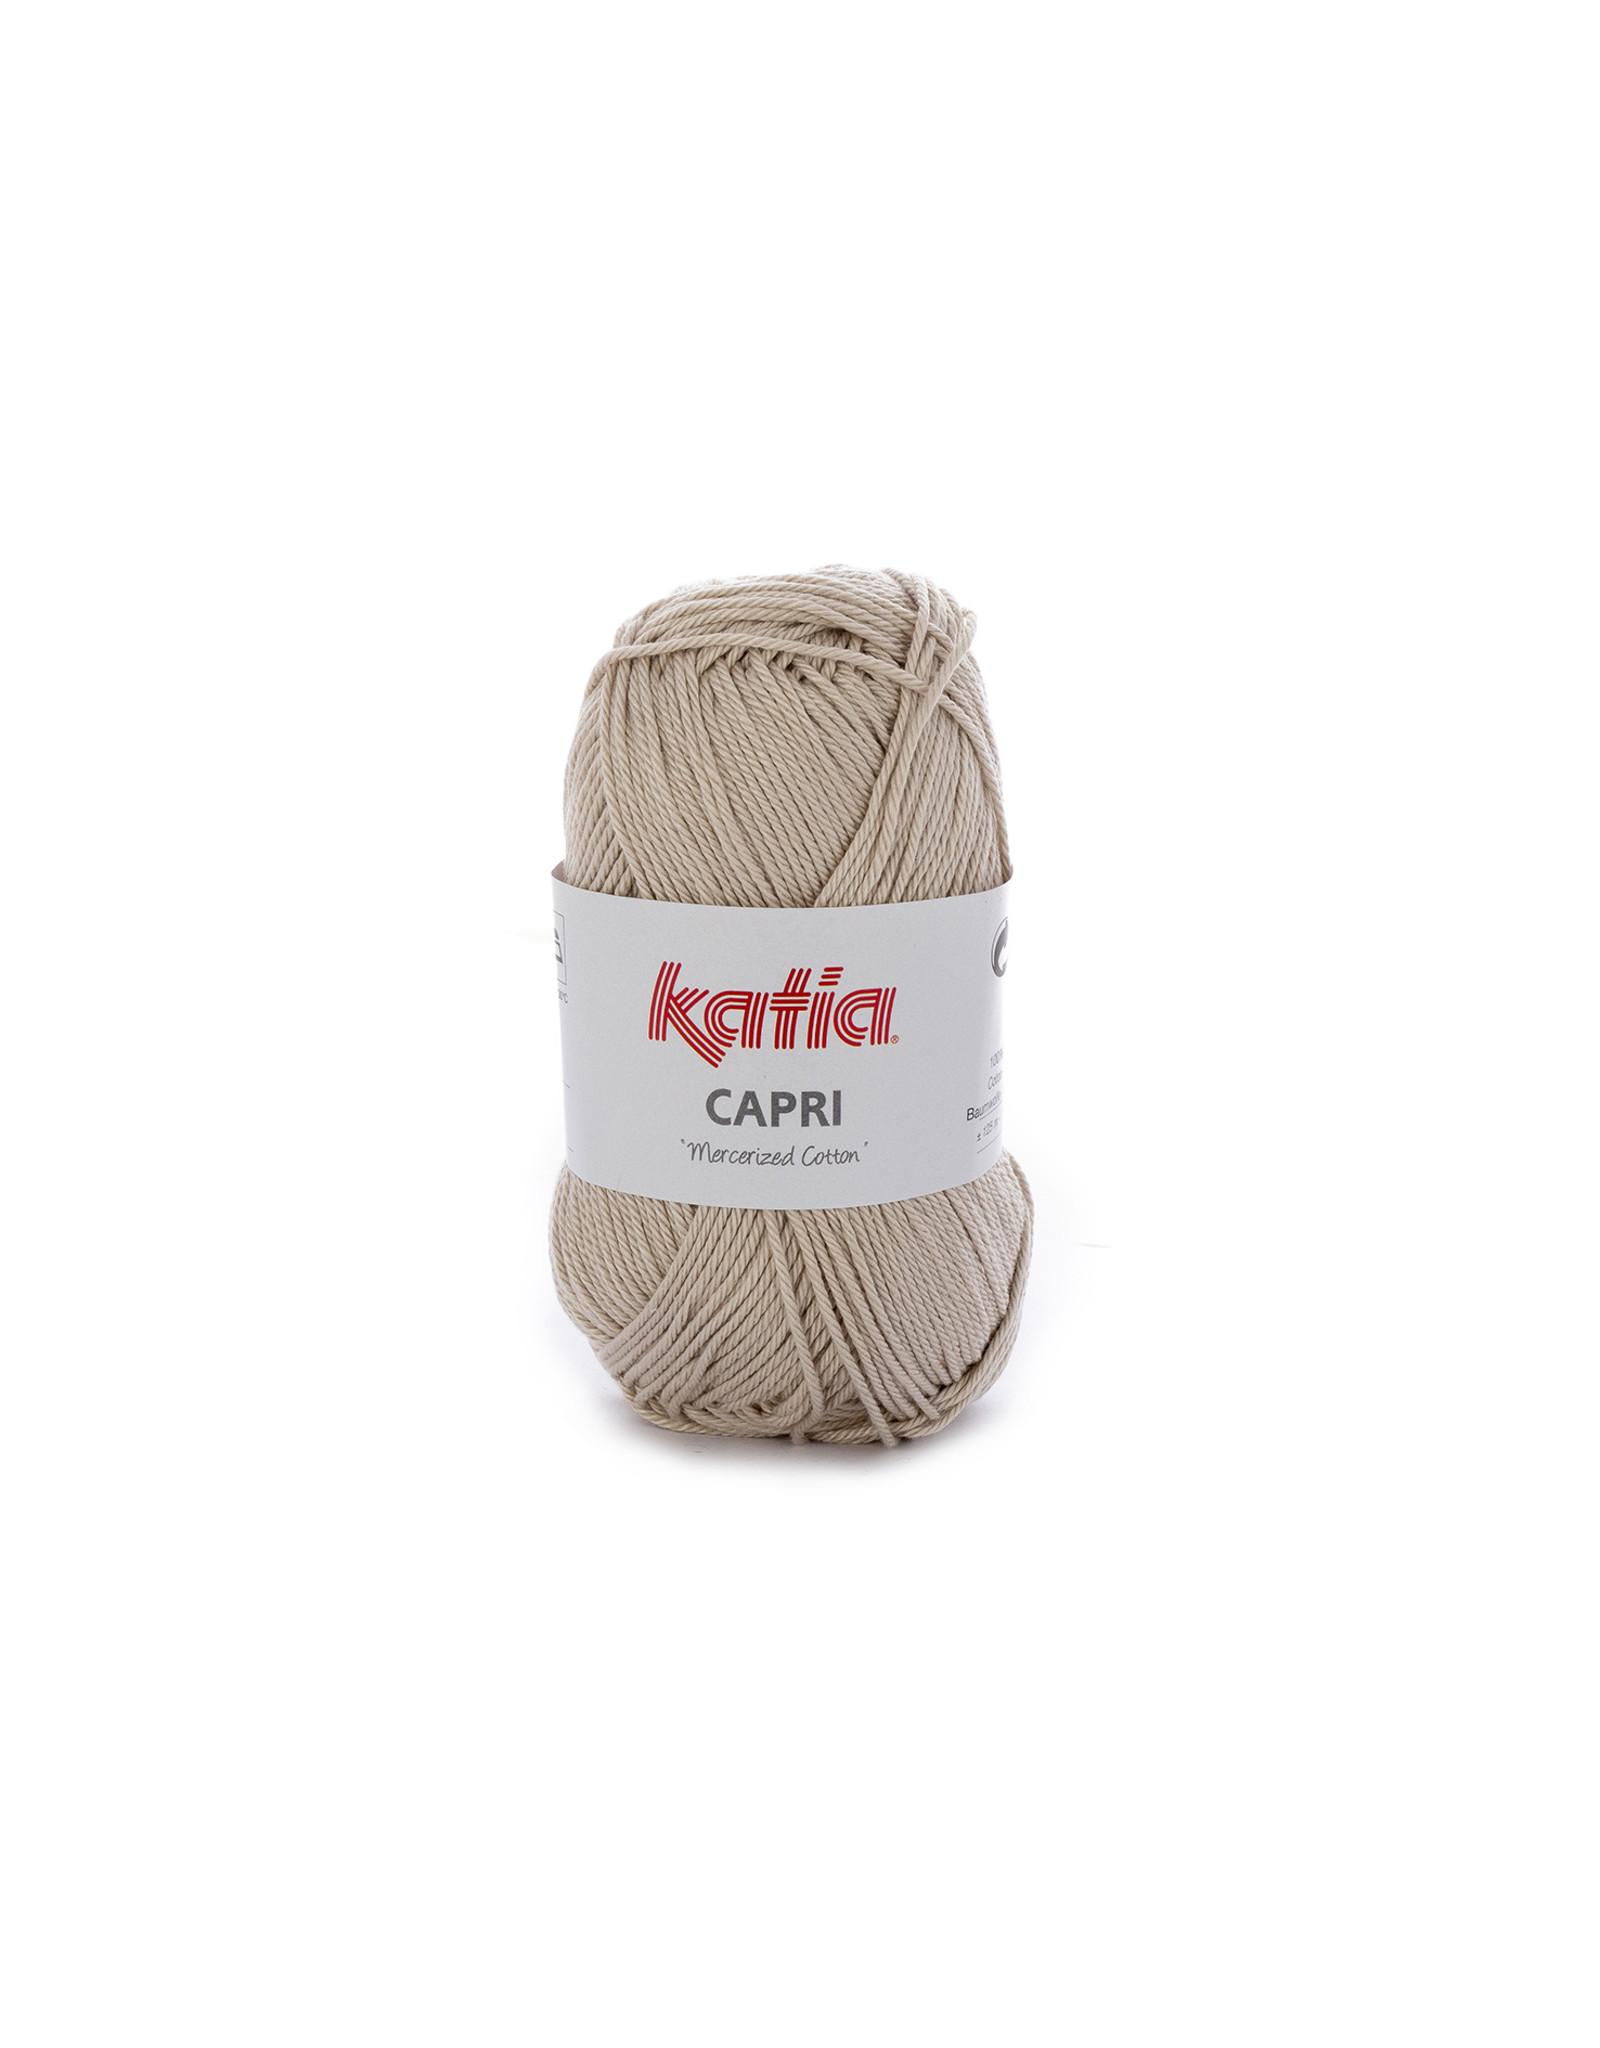 Katia Katia Capri - kleur 67 Licht beige - 50 gr. = 125 m. - 100% katoen